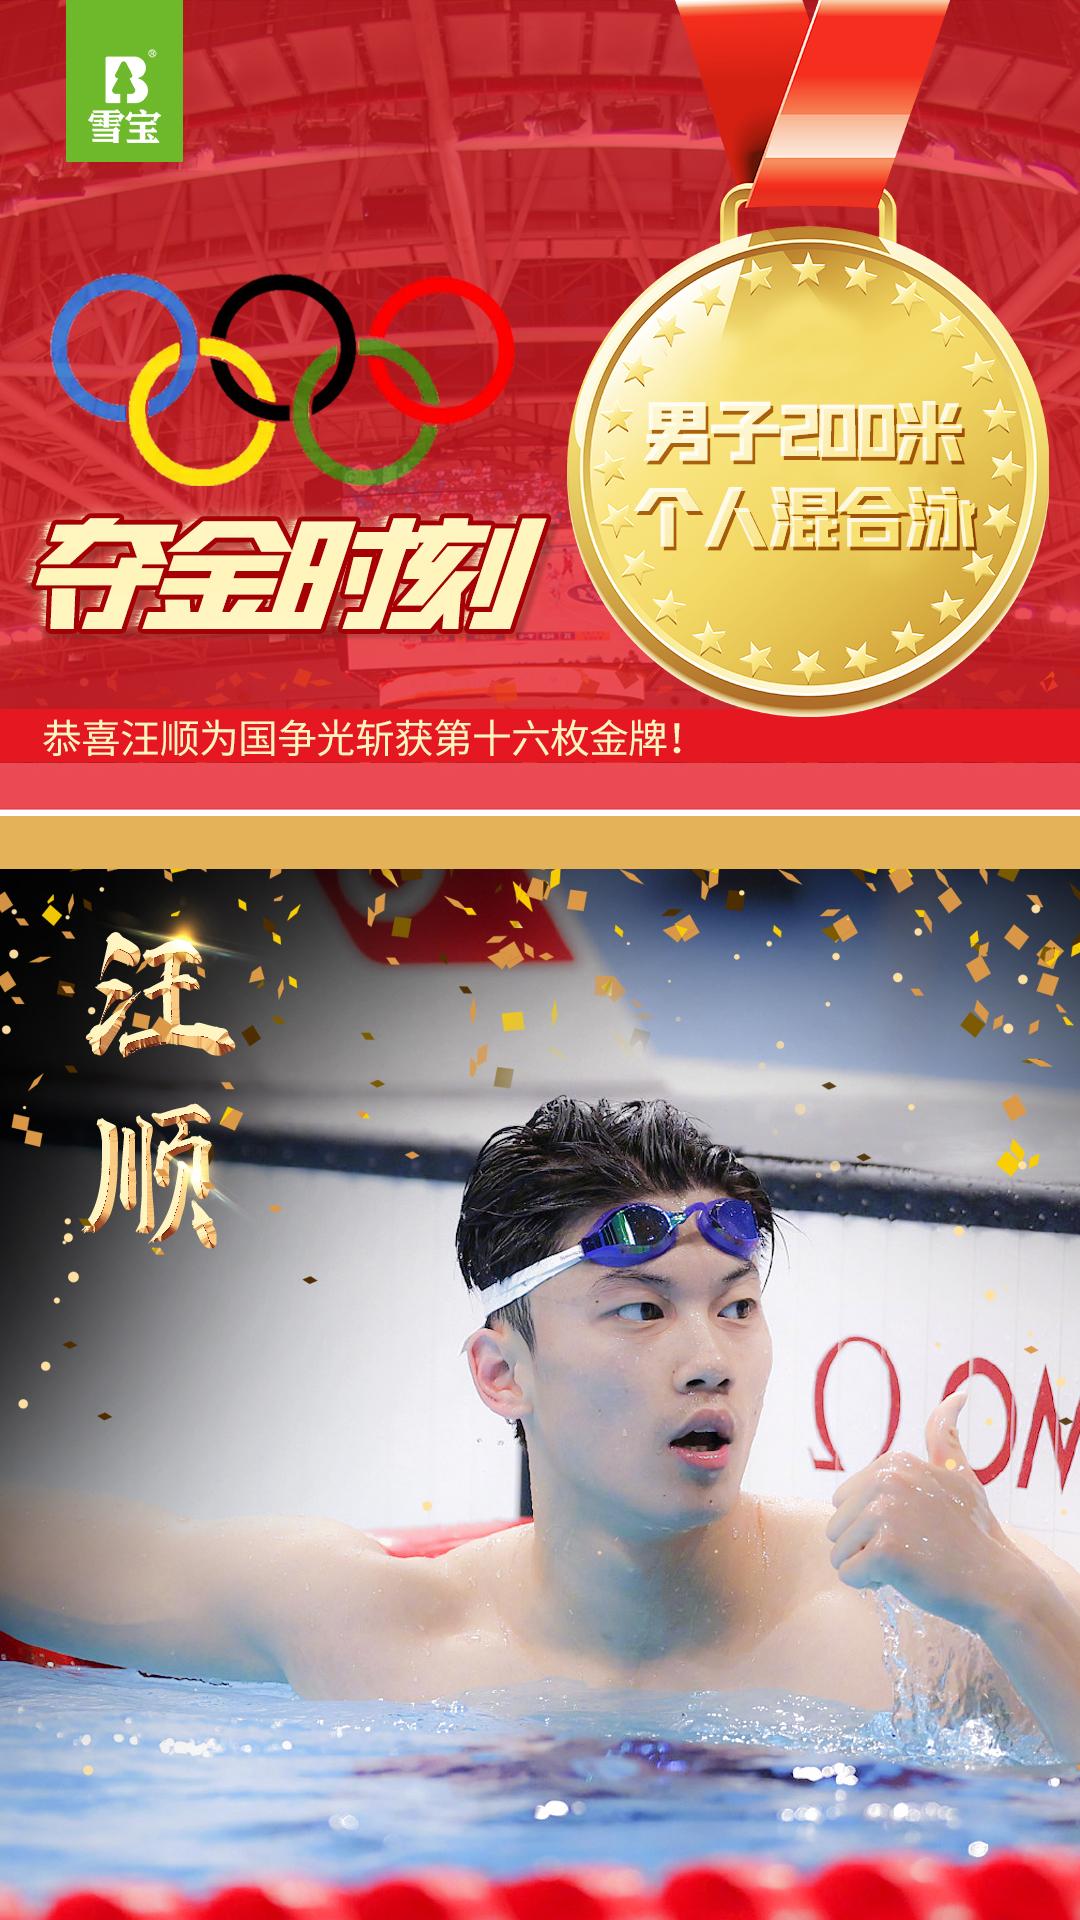 汪顺200米个人混合泳冠军